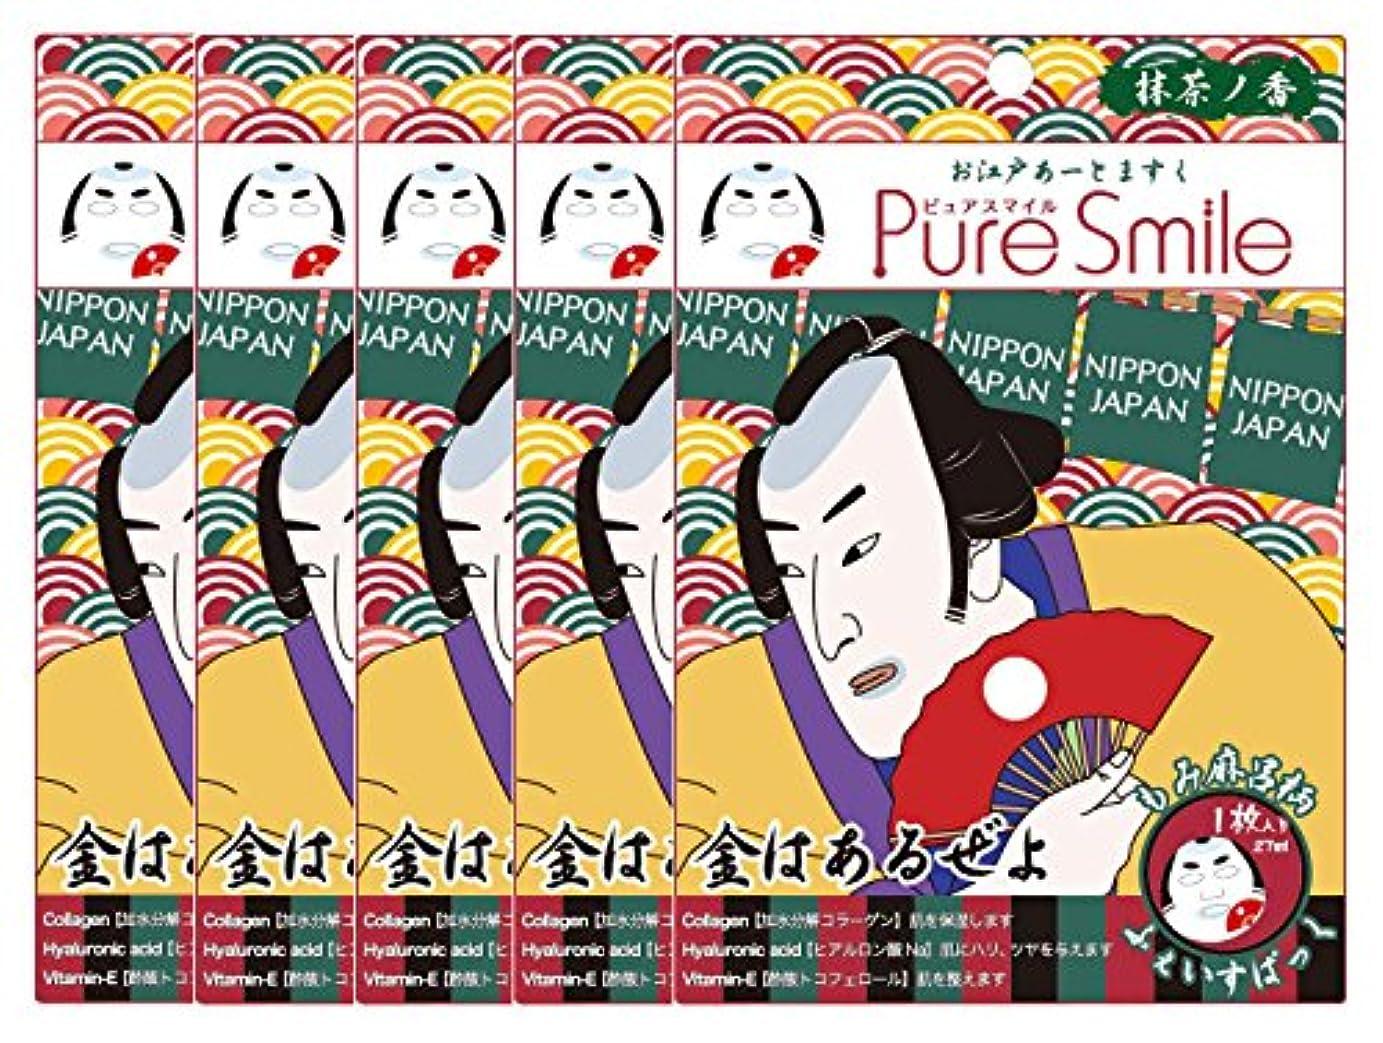 株式会社潮連続したピュアスマイル お江戸アートマスク もみ麻呂 ART02 1枚入 ×5セット